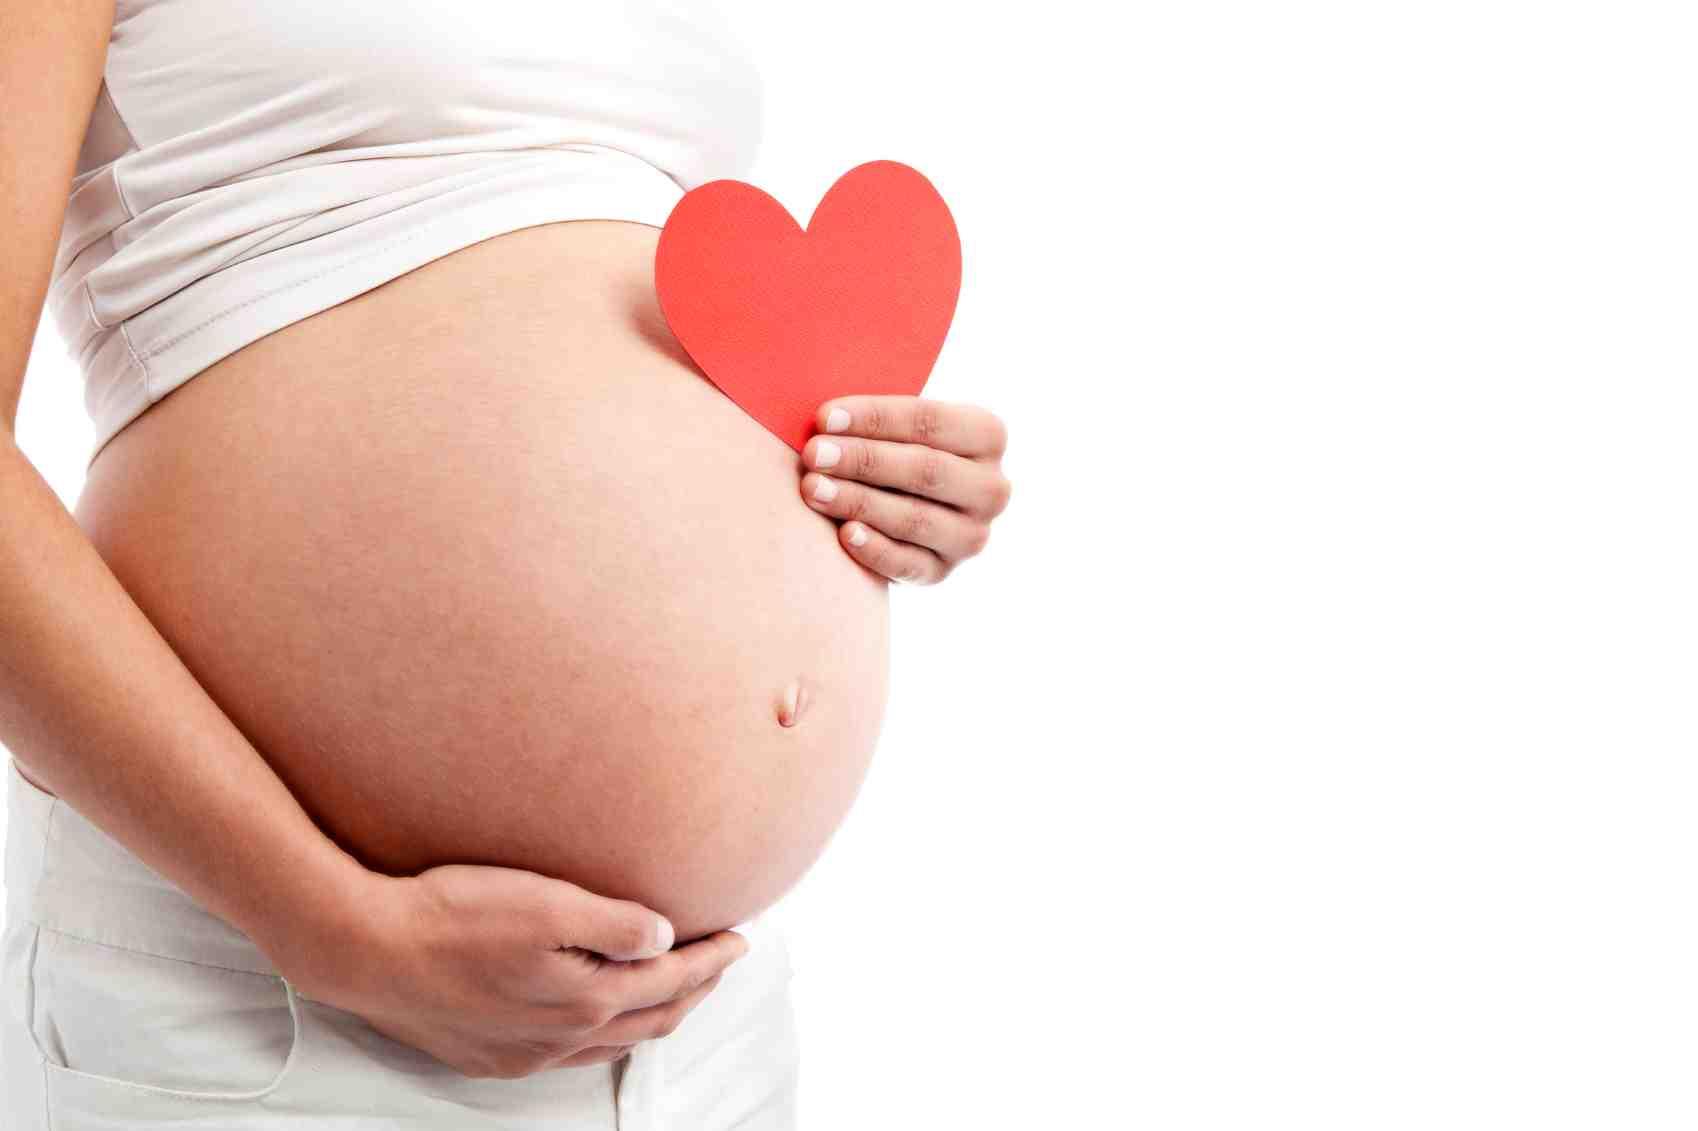 Ученые назвали 6 осложнений беременности, опасных для сердца